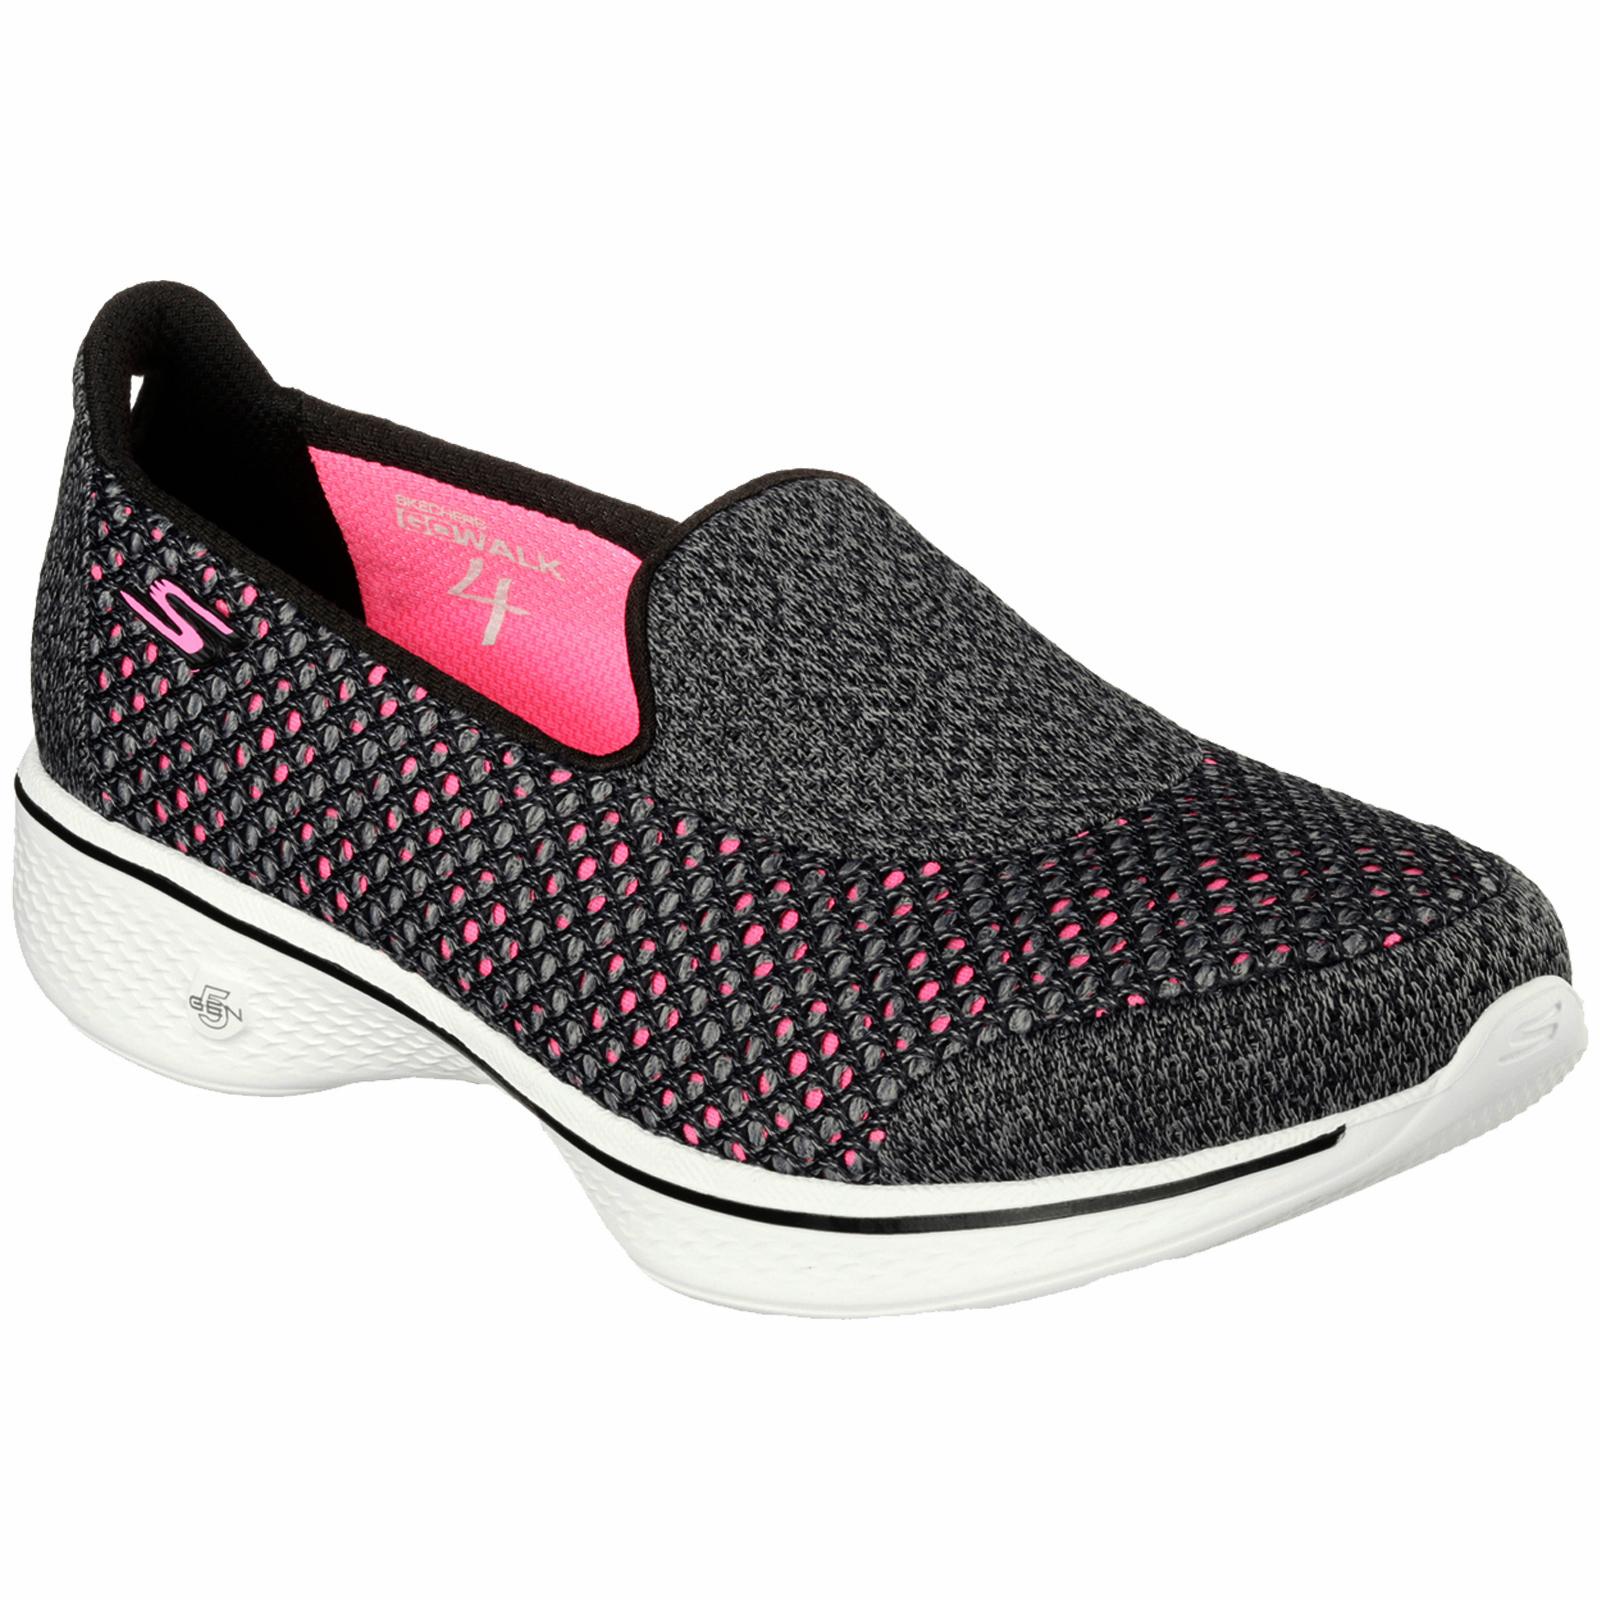 skechers walking shoes ladies-skechers-kindle-go-walk-4-black-pink- JMRXMCT